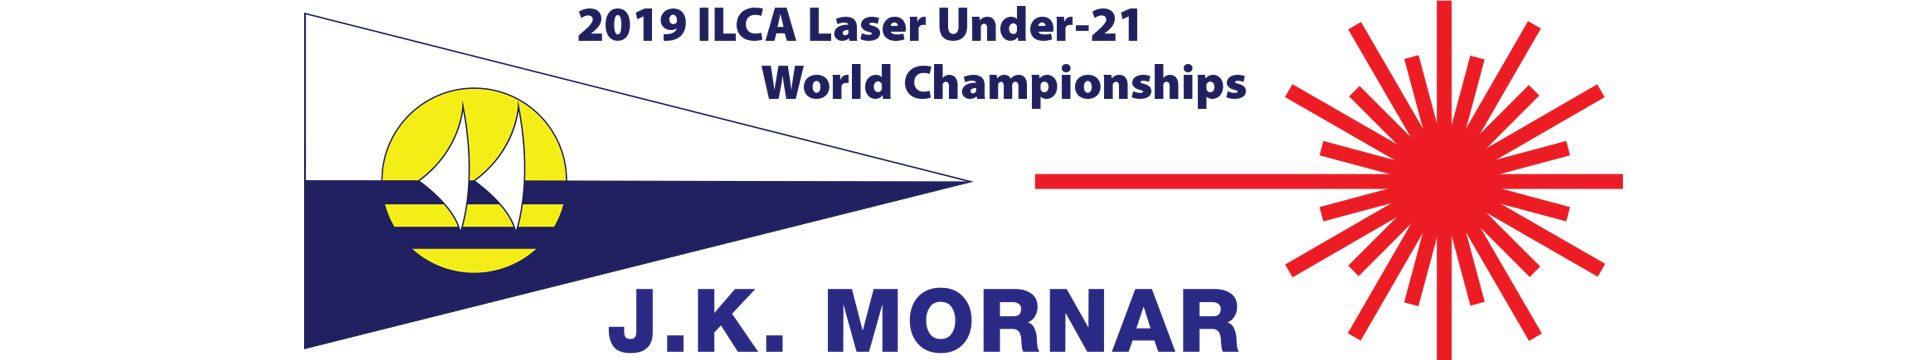 2019 ILCA Laser Under-21 World Championships